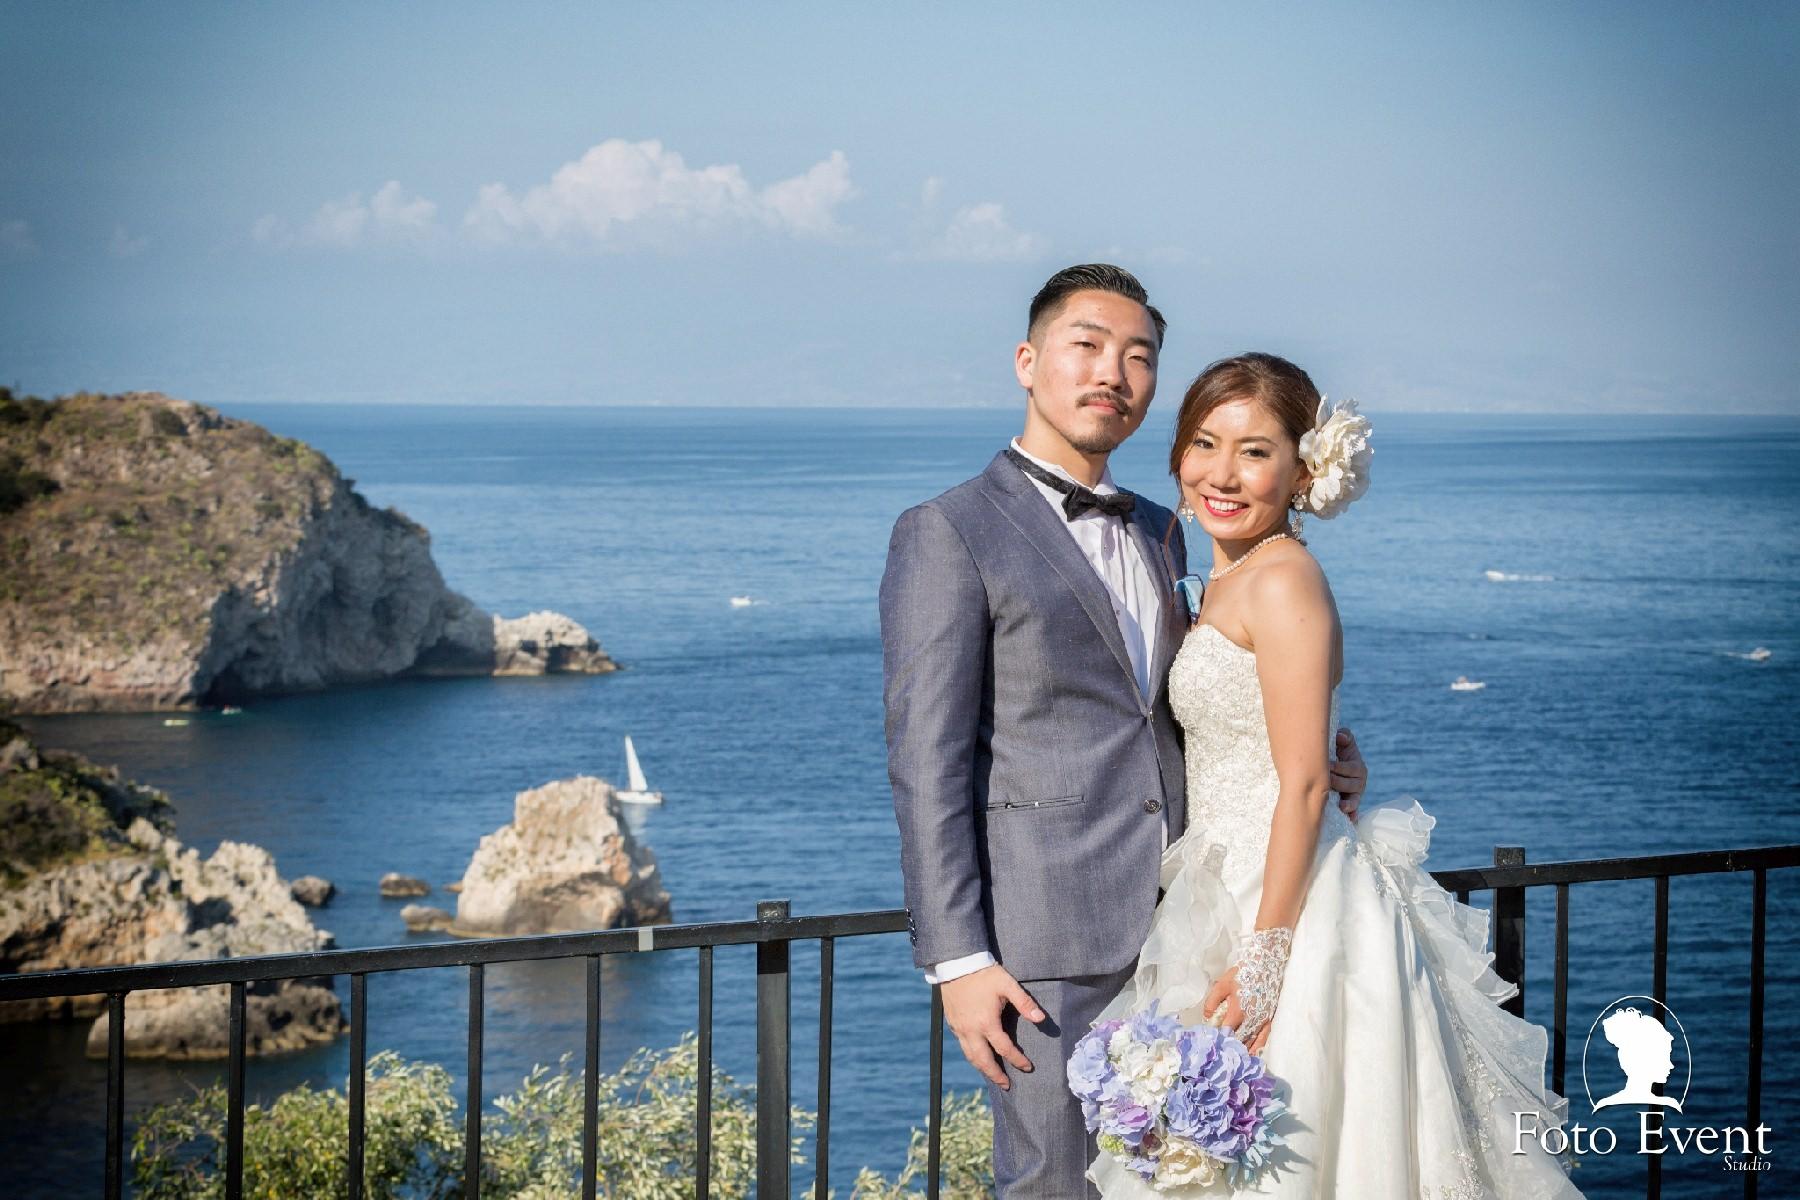 2017-07-15 Matrimonio Sayaka e Keiichi Ando zoom 541 CD FOTO_1